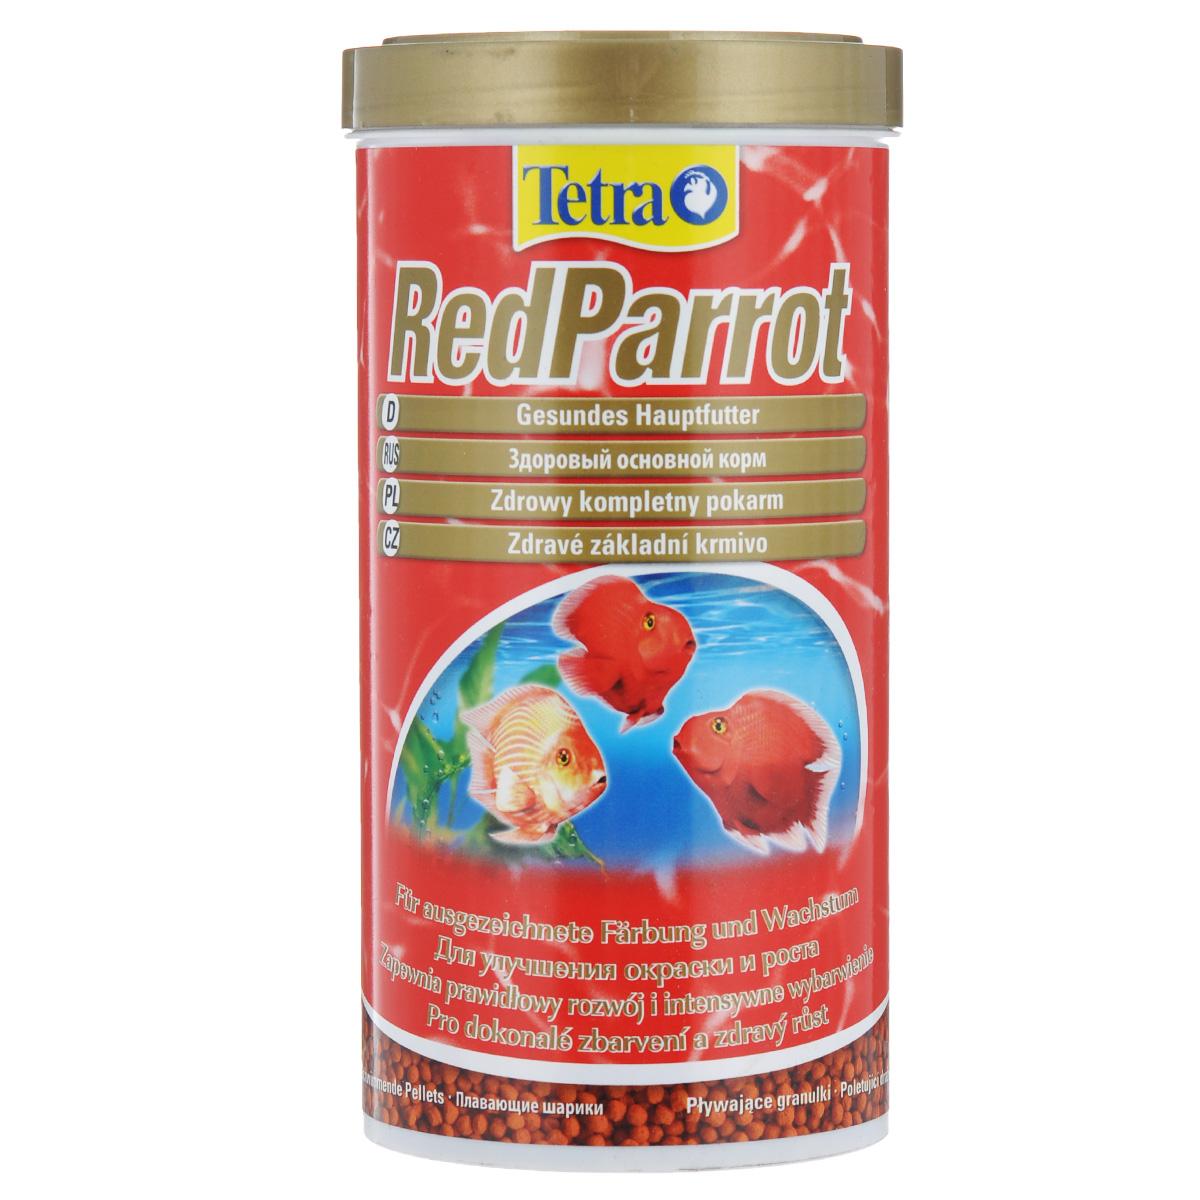 Корм сухой Tetra RedParrot, для красных попугаев, в виде шариков, 1 л0120710Tetra RedParrot - разработан специально для удовлетворения специфических потребностей красных попугаев в питании. Этот корм в виде шариков среднего размера особенно рекомендован большим красным попугаям. Особенности корма Tetra RedParrot: - содержит натуральные усилители цветовой окраски и выделения красных пигментов;- усиление окраски заметно уже через две недели при кормлении только Tetra RedParrot;- оптимальная рецептура обеспечивает хорошую усваиваемость и улучшение роста;- произведено в Германии, строгий контроль качества в соответствии с нормами ISO 9001 гарантируют здоровое питание. Рекомендации по кормлению: кормить несколько раз в день маленькими порциями. Характеристики: Состав: зерновые культуры, экстракты растительного белка, рыба и побочные рыбные продукты, дрожжи, моллюски и раки, масла и жиры, минеральные вещества, водоросли.Пищевая ценность: сырой белок - 42%, сырые масла и жиры - 8%, сырая клетчатка - 2%, влага - 9%.Добавки: витамин А 29460 МЕ/кг, витамин Д3 1840 МЕ/кг, Е5 марганец 100 мг/кг, Е6 цинк 61 мг/кг, Е1 железо 40 мг/кг, Е3 кобальт 0,7 мг/кг. Красители, антиоксиданты.Вес: 1 л (320 г).